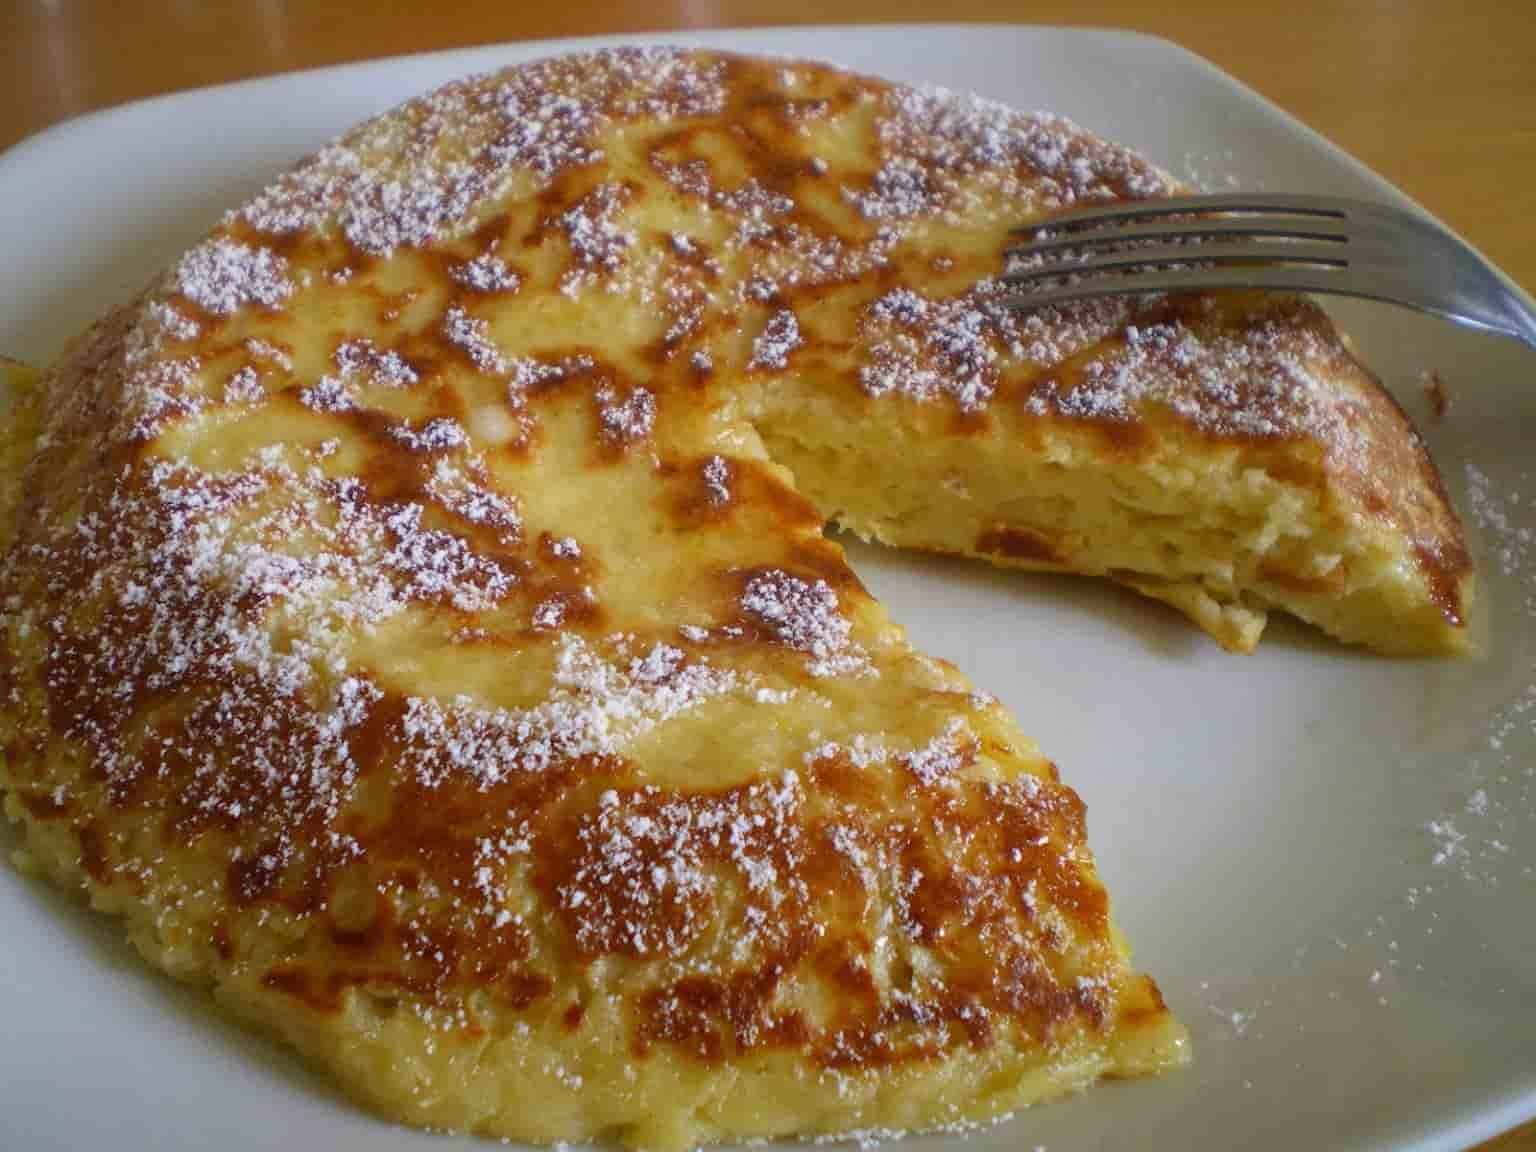 Gâteau aux pommes cuit à la poêle OU UN GÂTEAU EXPRESS PRÊT EN 10 MINUTES